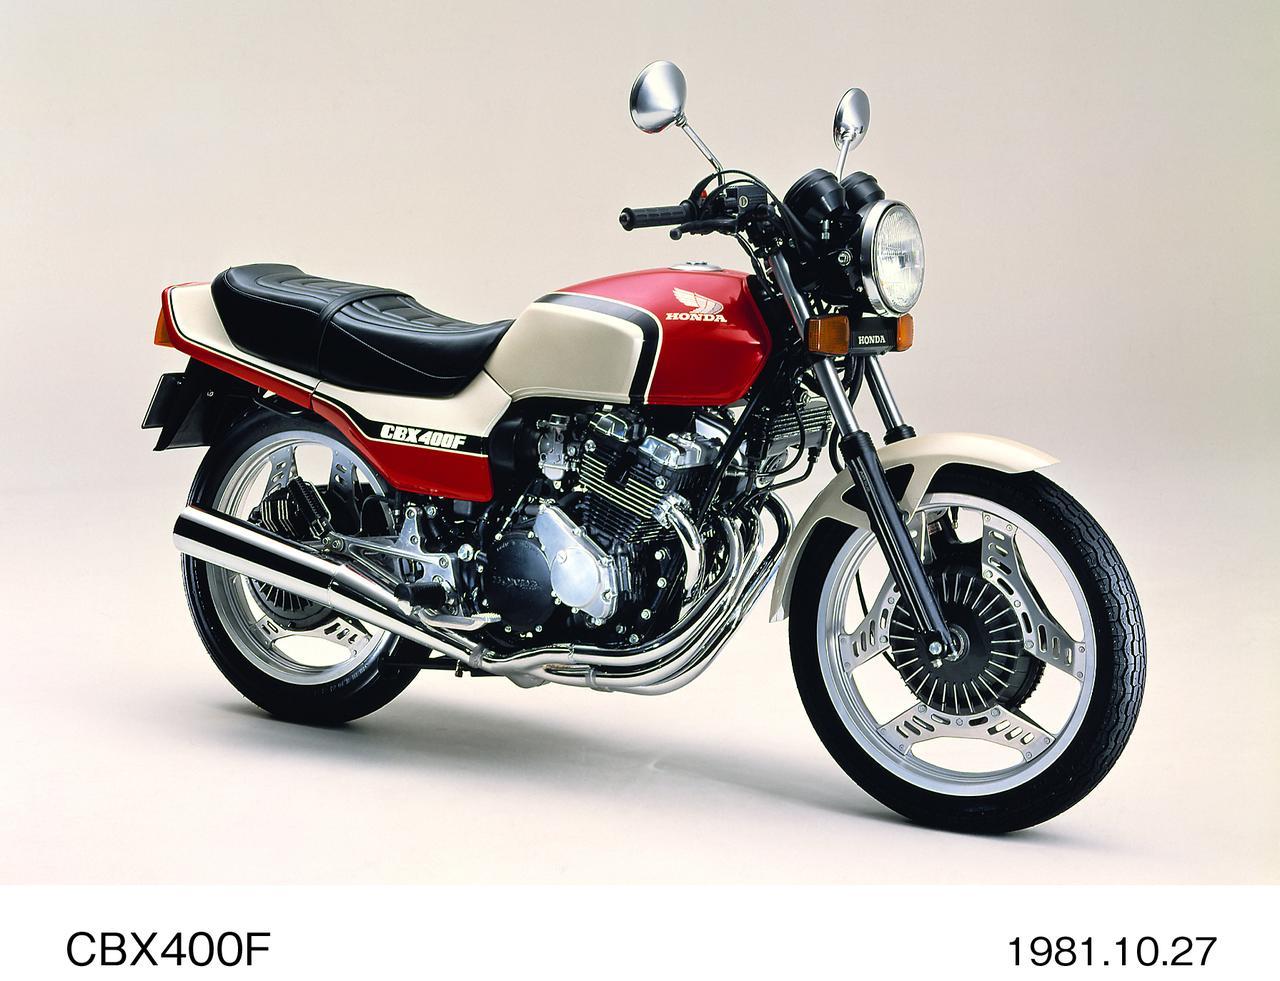 画像: ●エンジン型式:空冷4 ストDOHC4 バルブ並列4 気筒●総排気量:399cc ●最高出力:48PS/11000rpm ●最大トルク:3.4kg-m/9000rpm ●乾燥重量:173kg ●燃料タンク容量:17L ●前・後ブレーキ:ディスク・ディスク●前・後タイヤサイズ:3.60-18・4.10-18 ●発売年月:1981 年11 月●発売当時の価格:47 万円/48 万5000 円 (ツートーン)